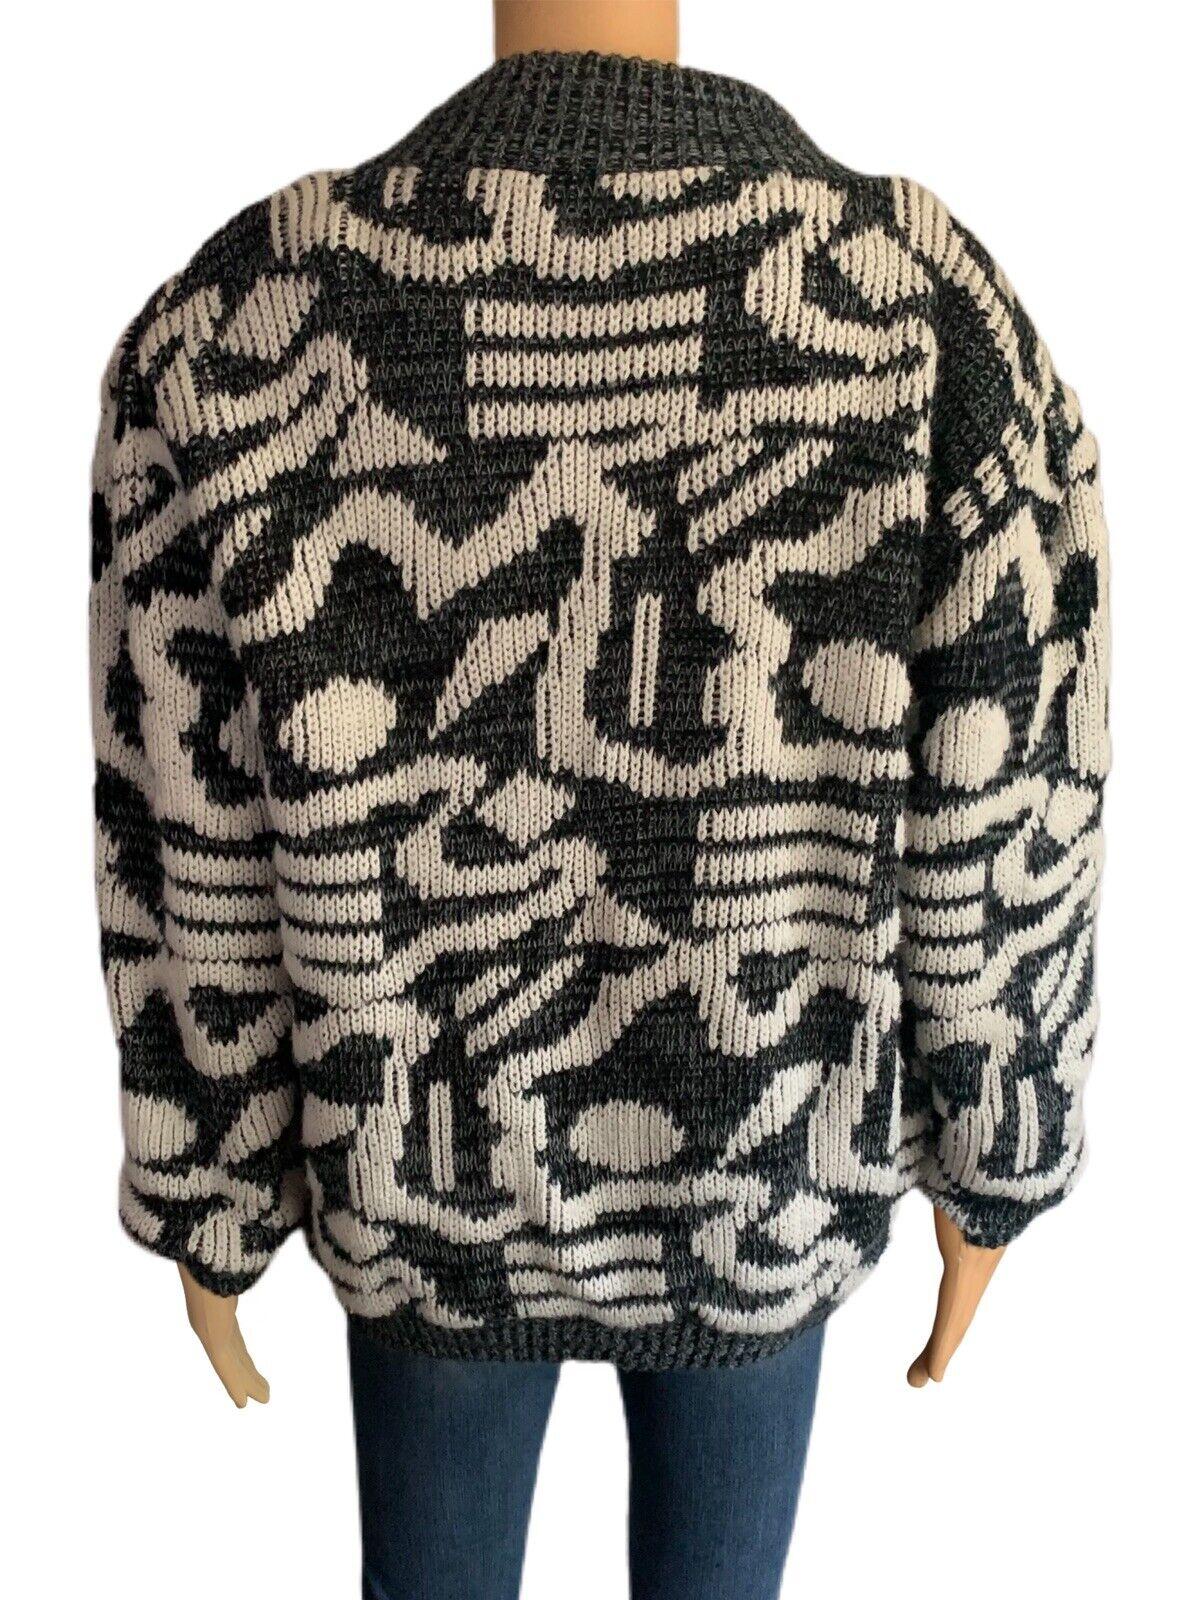 Chimayo Knit Sweater Jacket 80s Vintage Jacket Bo… - image 6